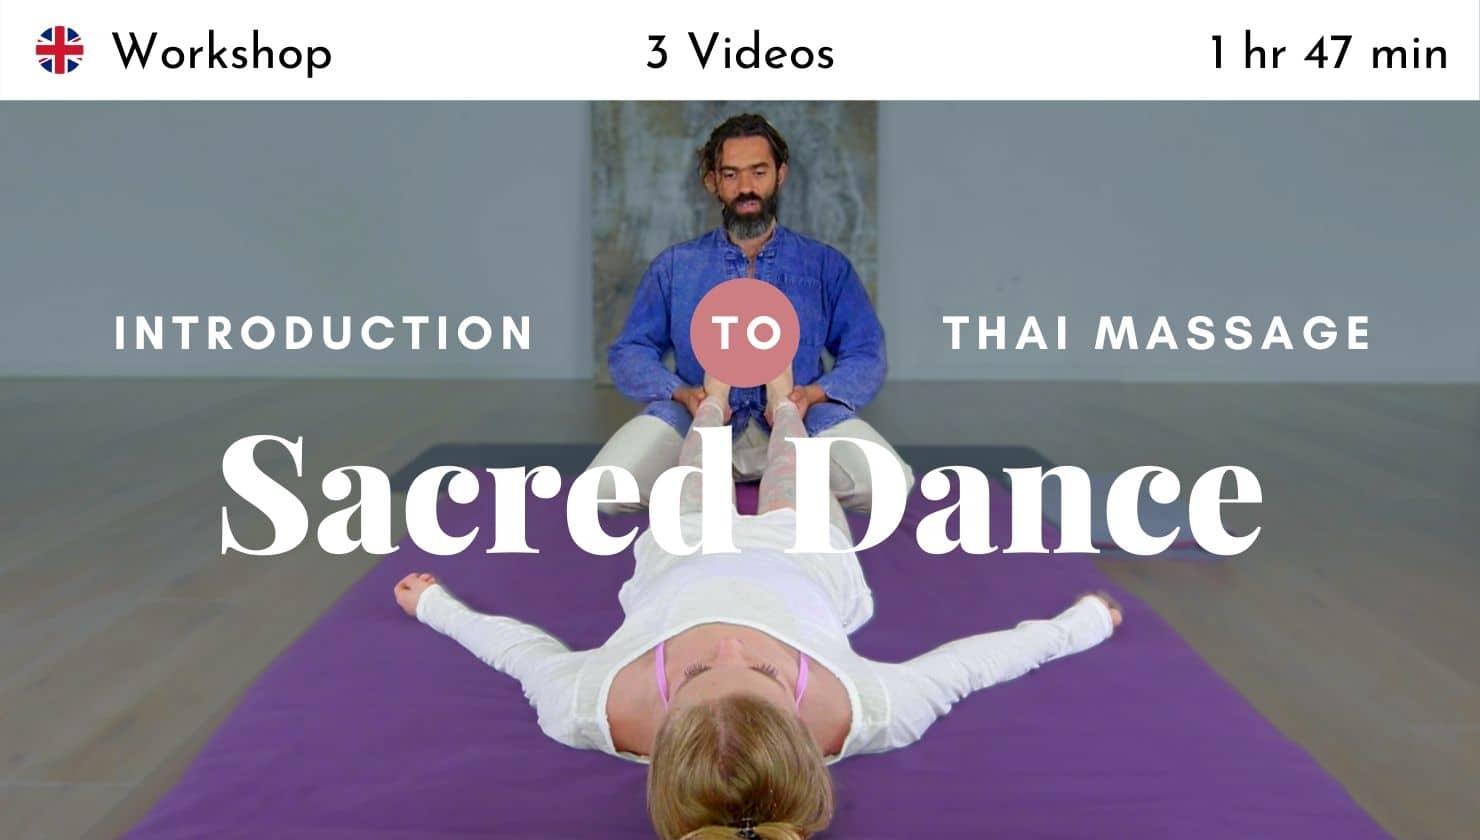 Krishnataki - Introduction to Thai Massage - Sacred Dance